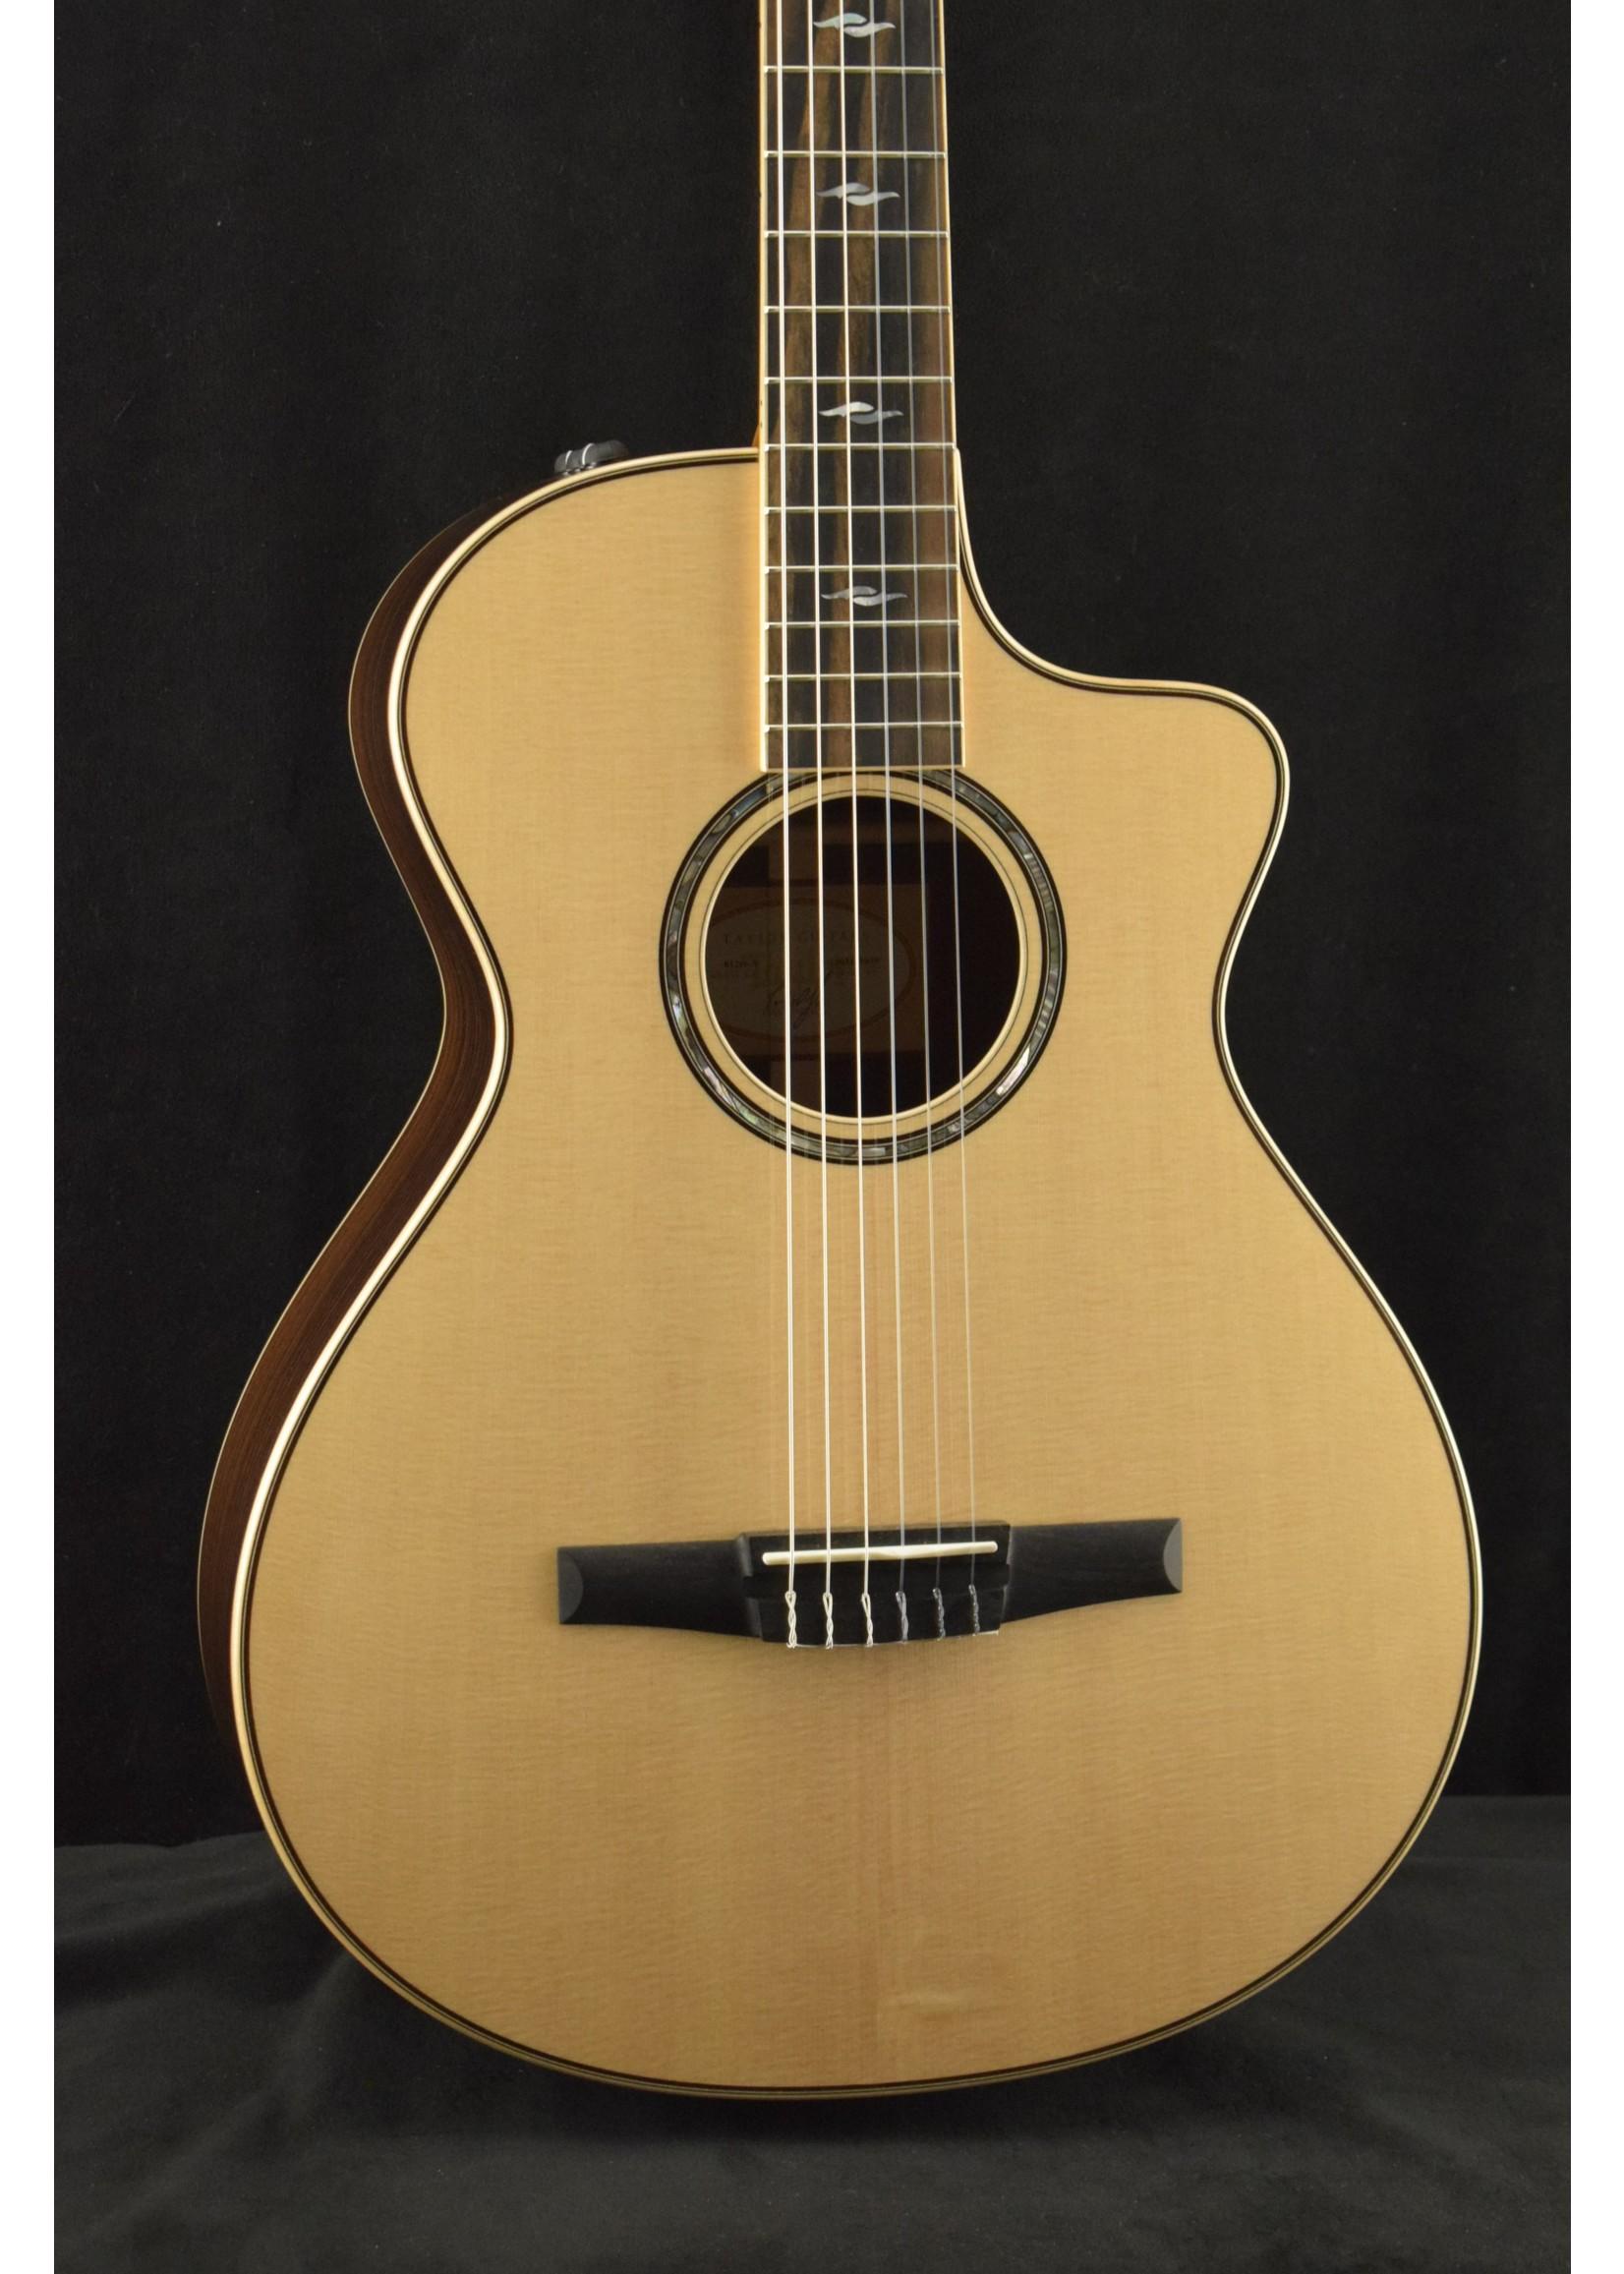 Taylor Taylor 812ce-N Nylon-String Natural